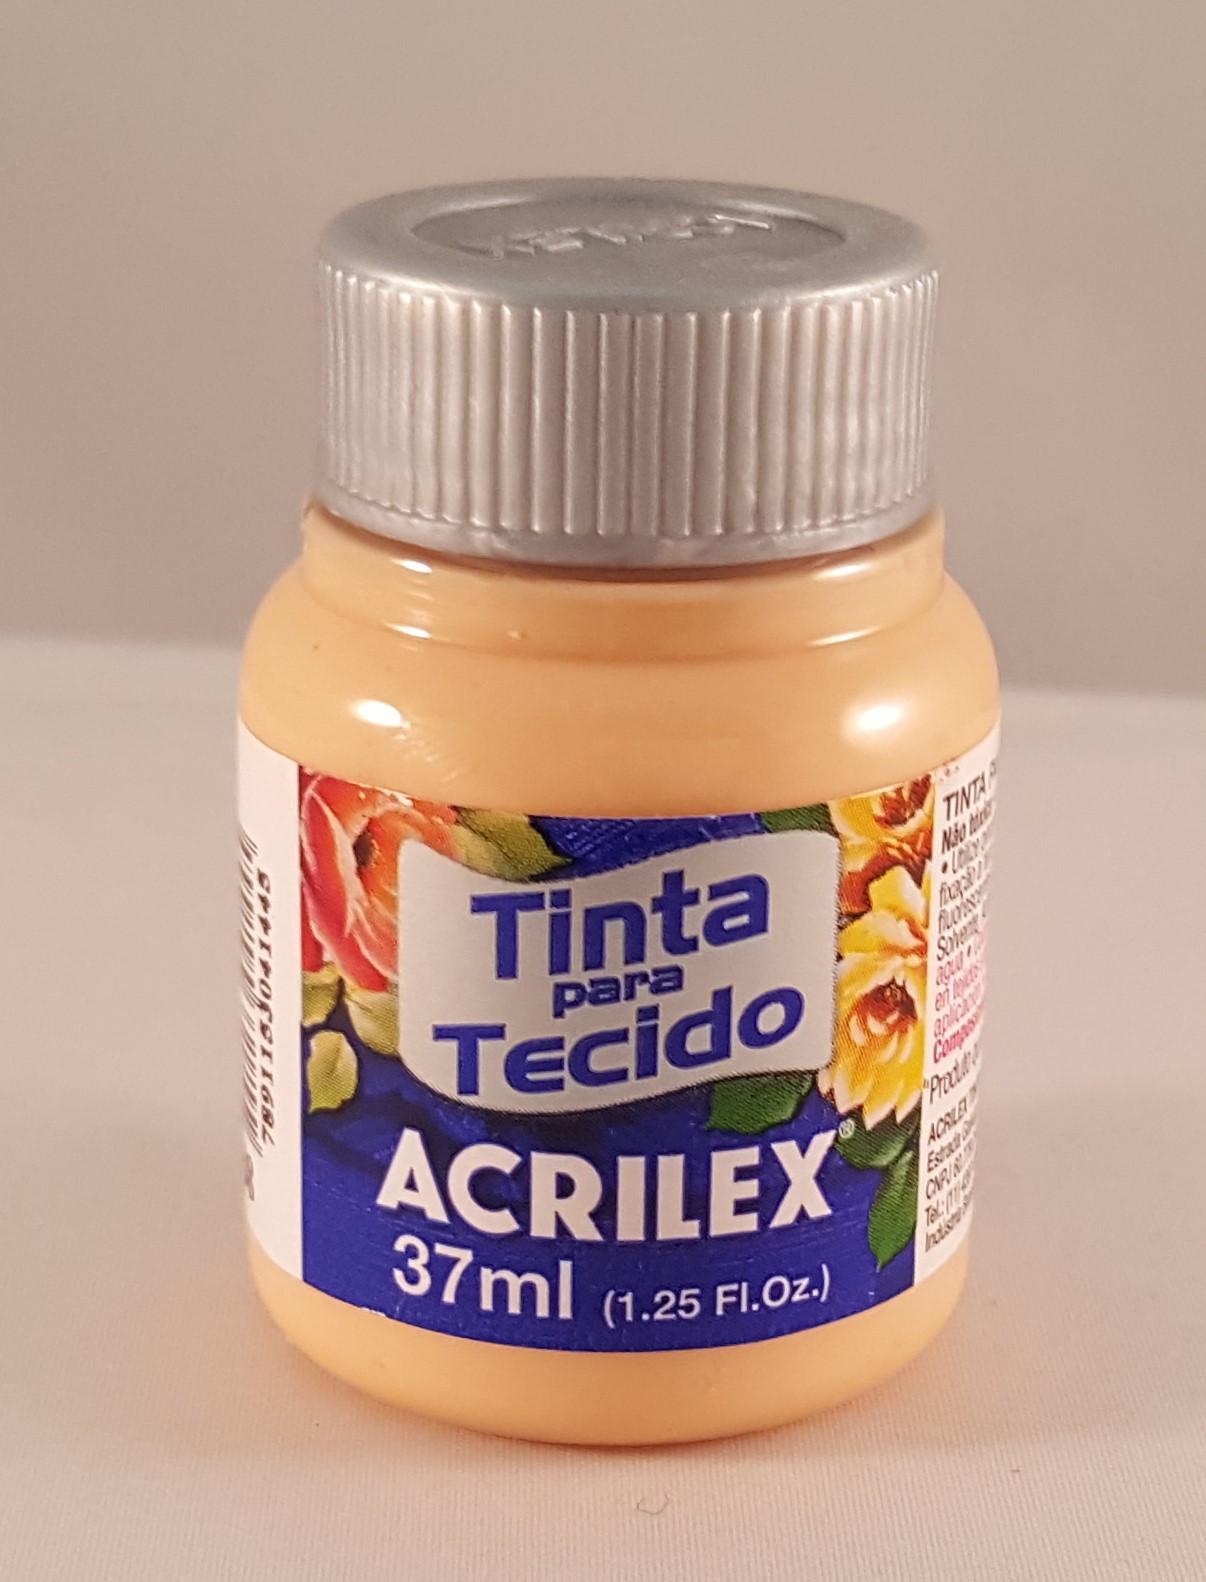 Tintas tecido Acrilex amarelo pele 538